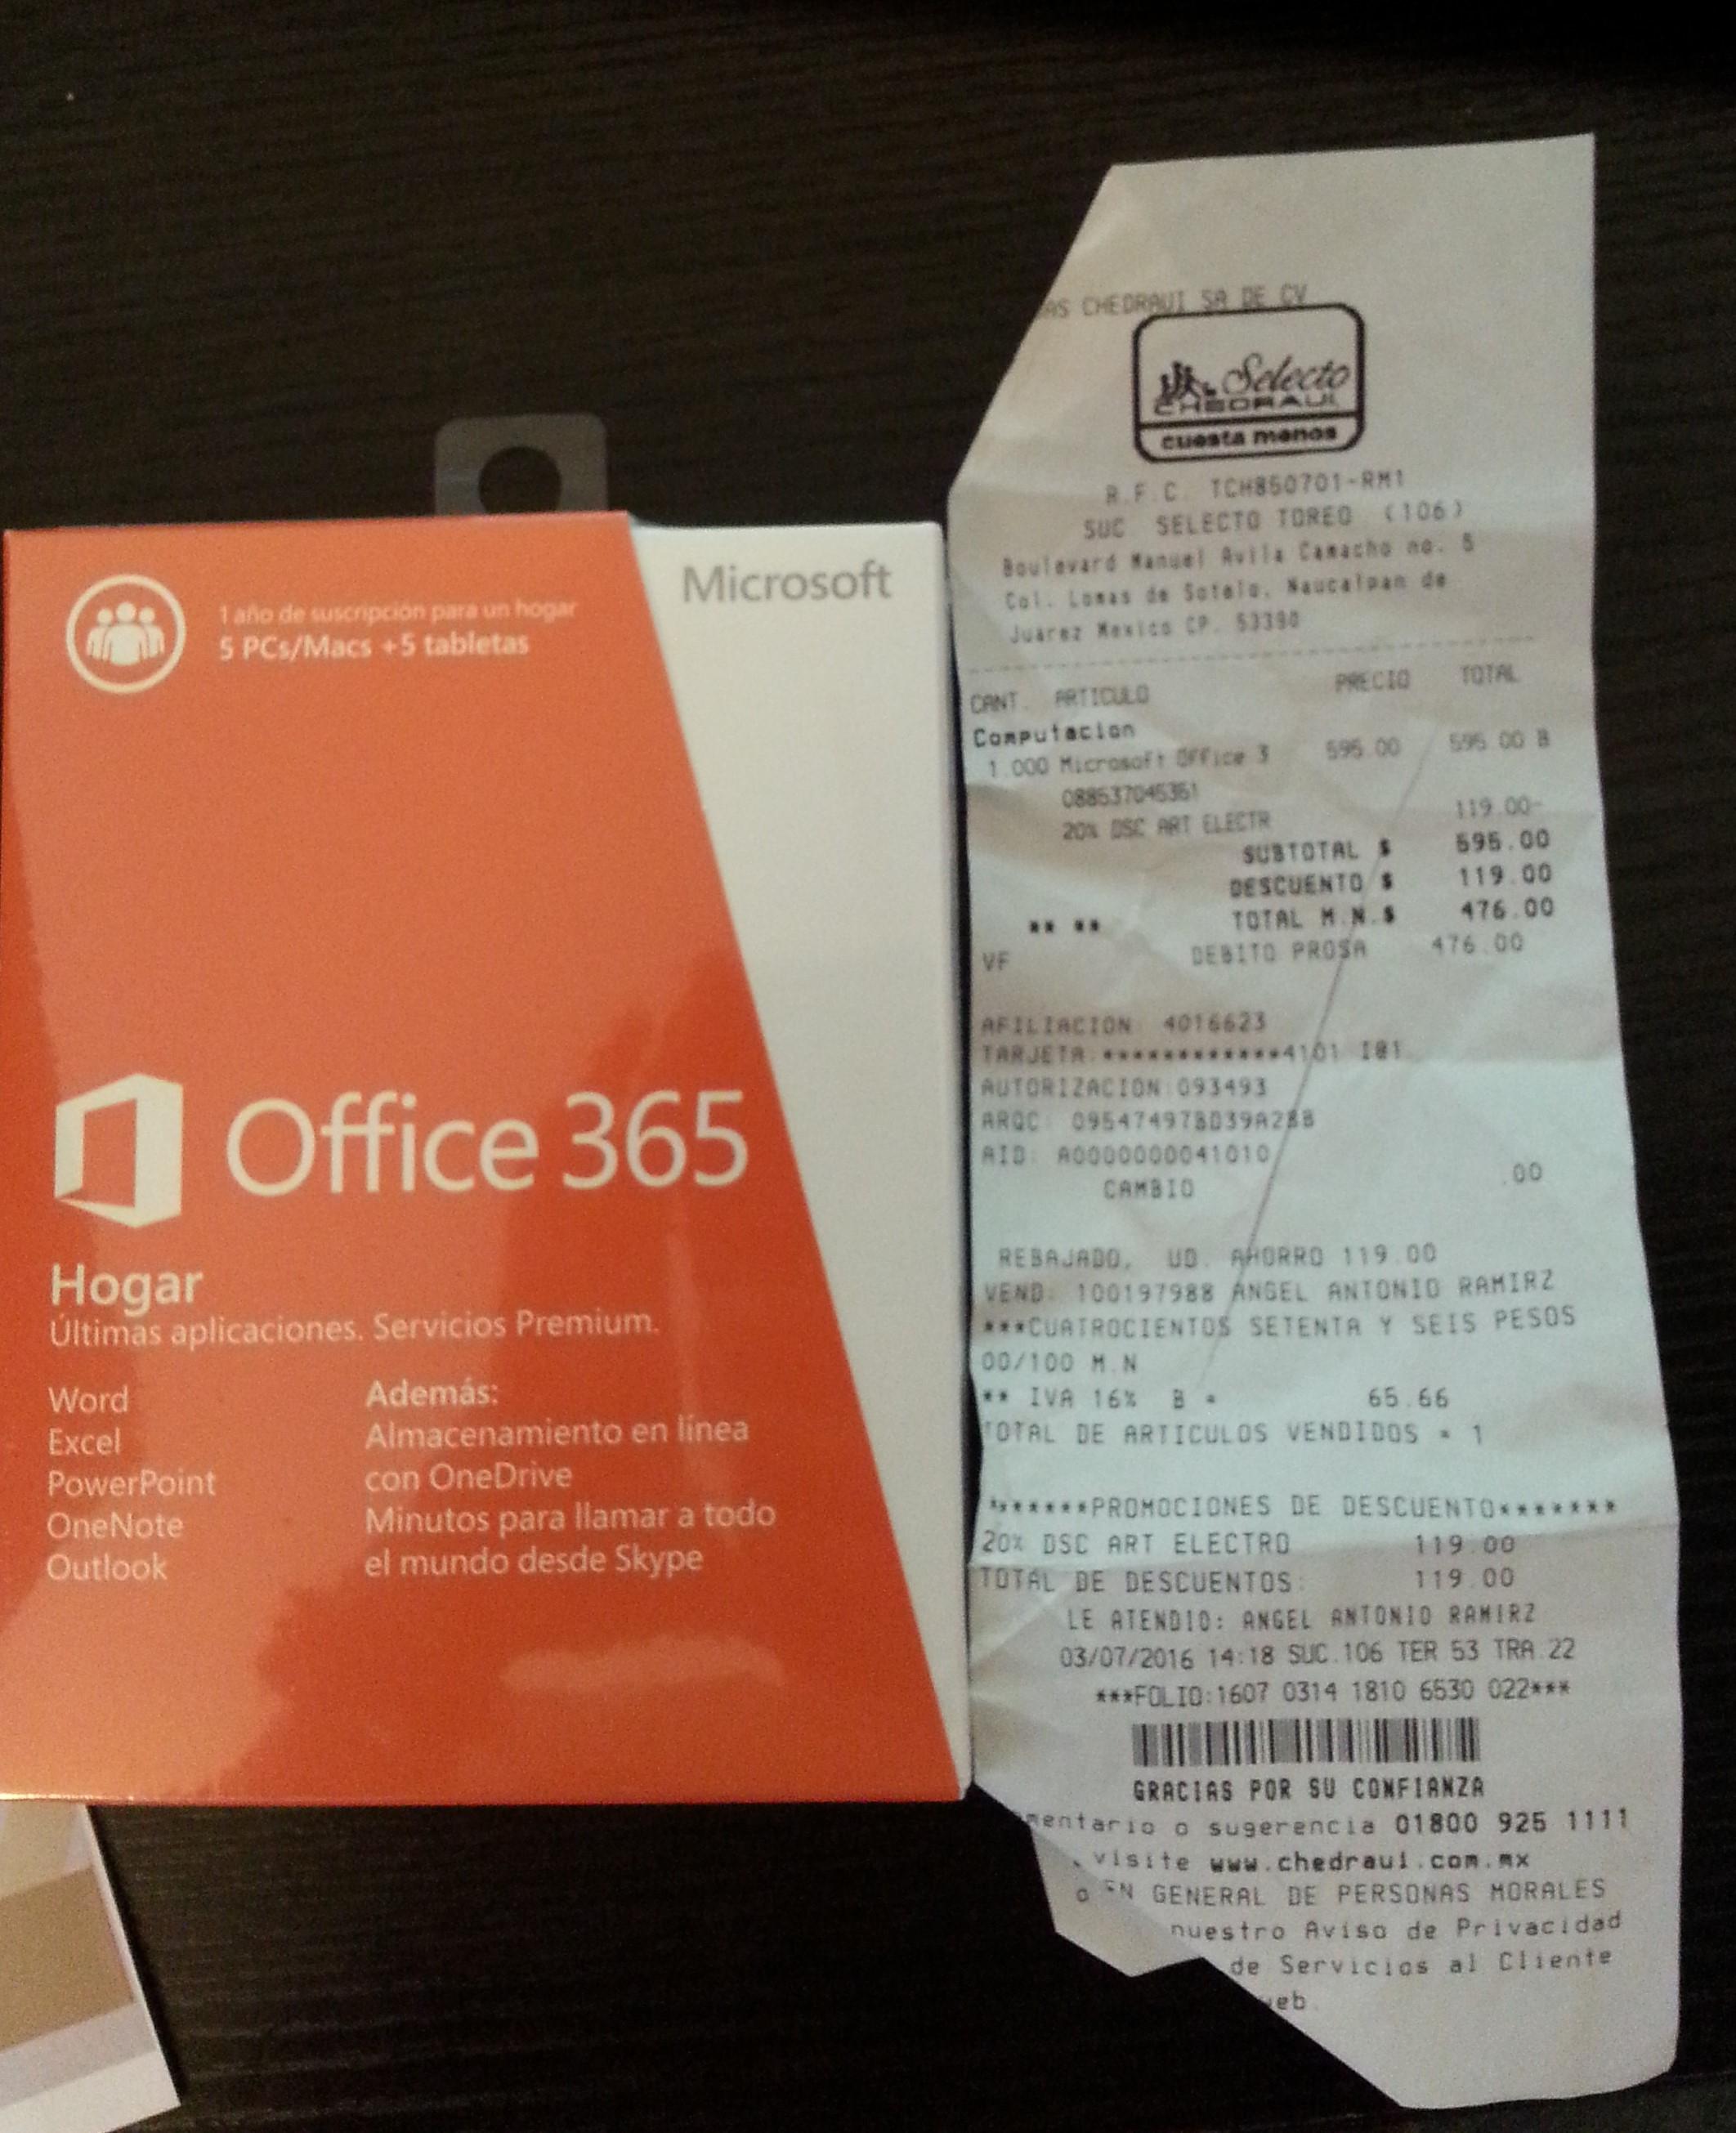 Chedraui Selecto: Office 365 Hogar. 1 año 5 equipos por $476